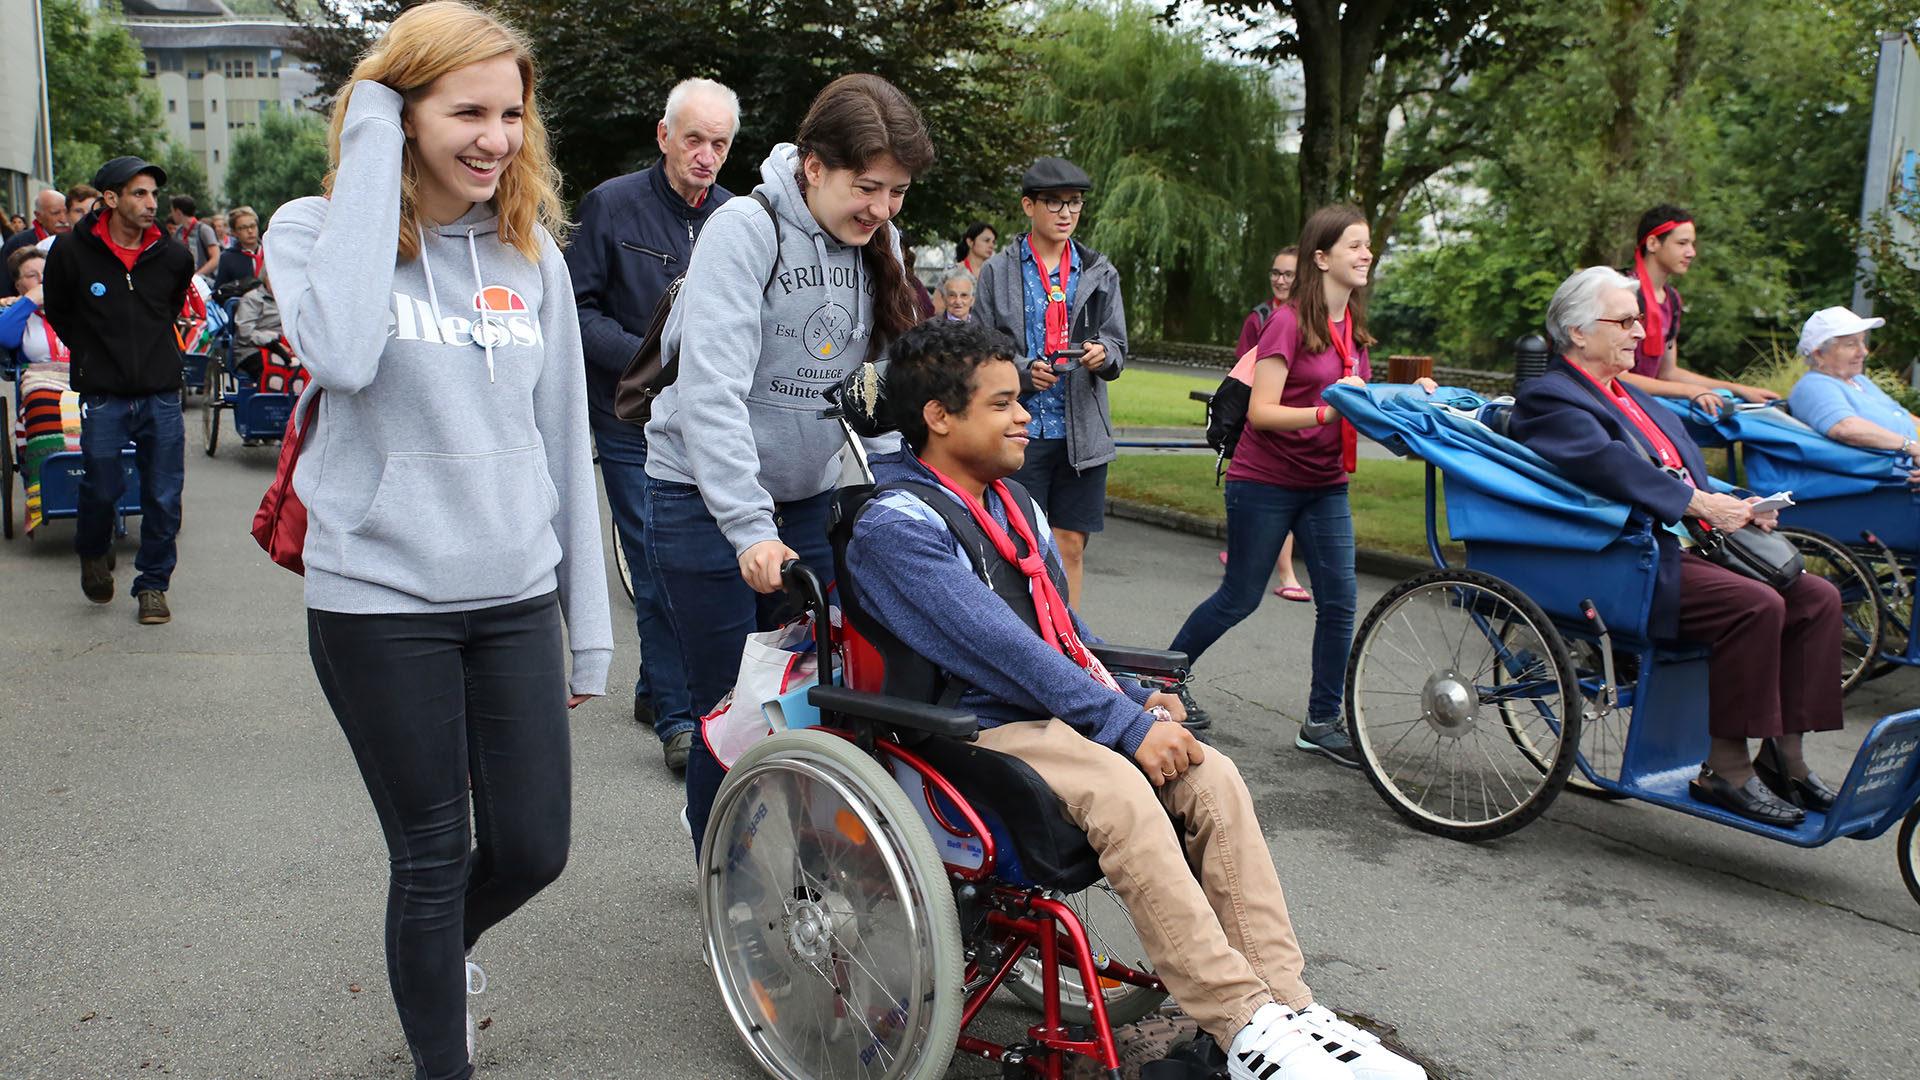 Westschweizer Jugendliche engagieren sich als freiwillige Helfer bei der Lourdes-Wallfahrt. | © Bernard Hallet